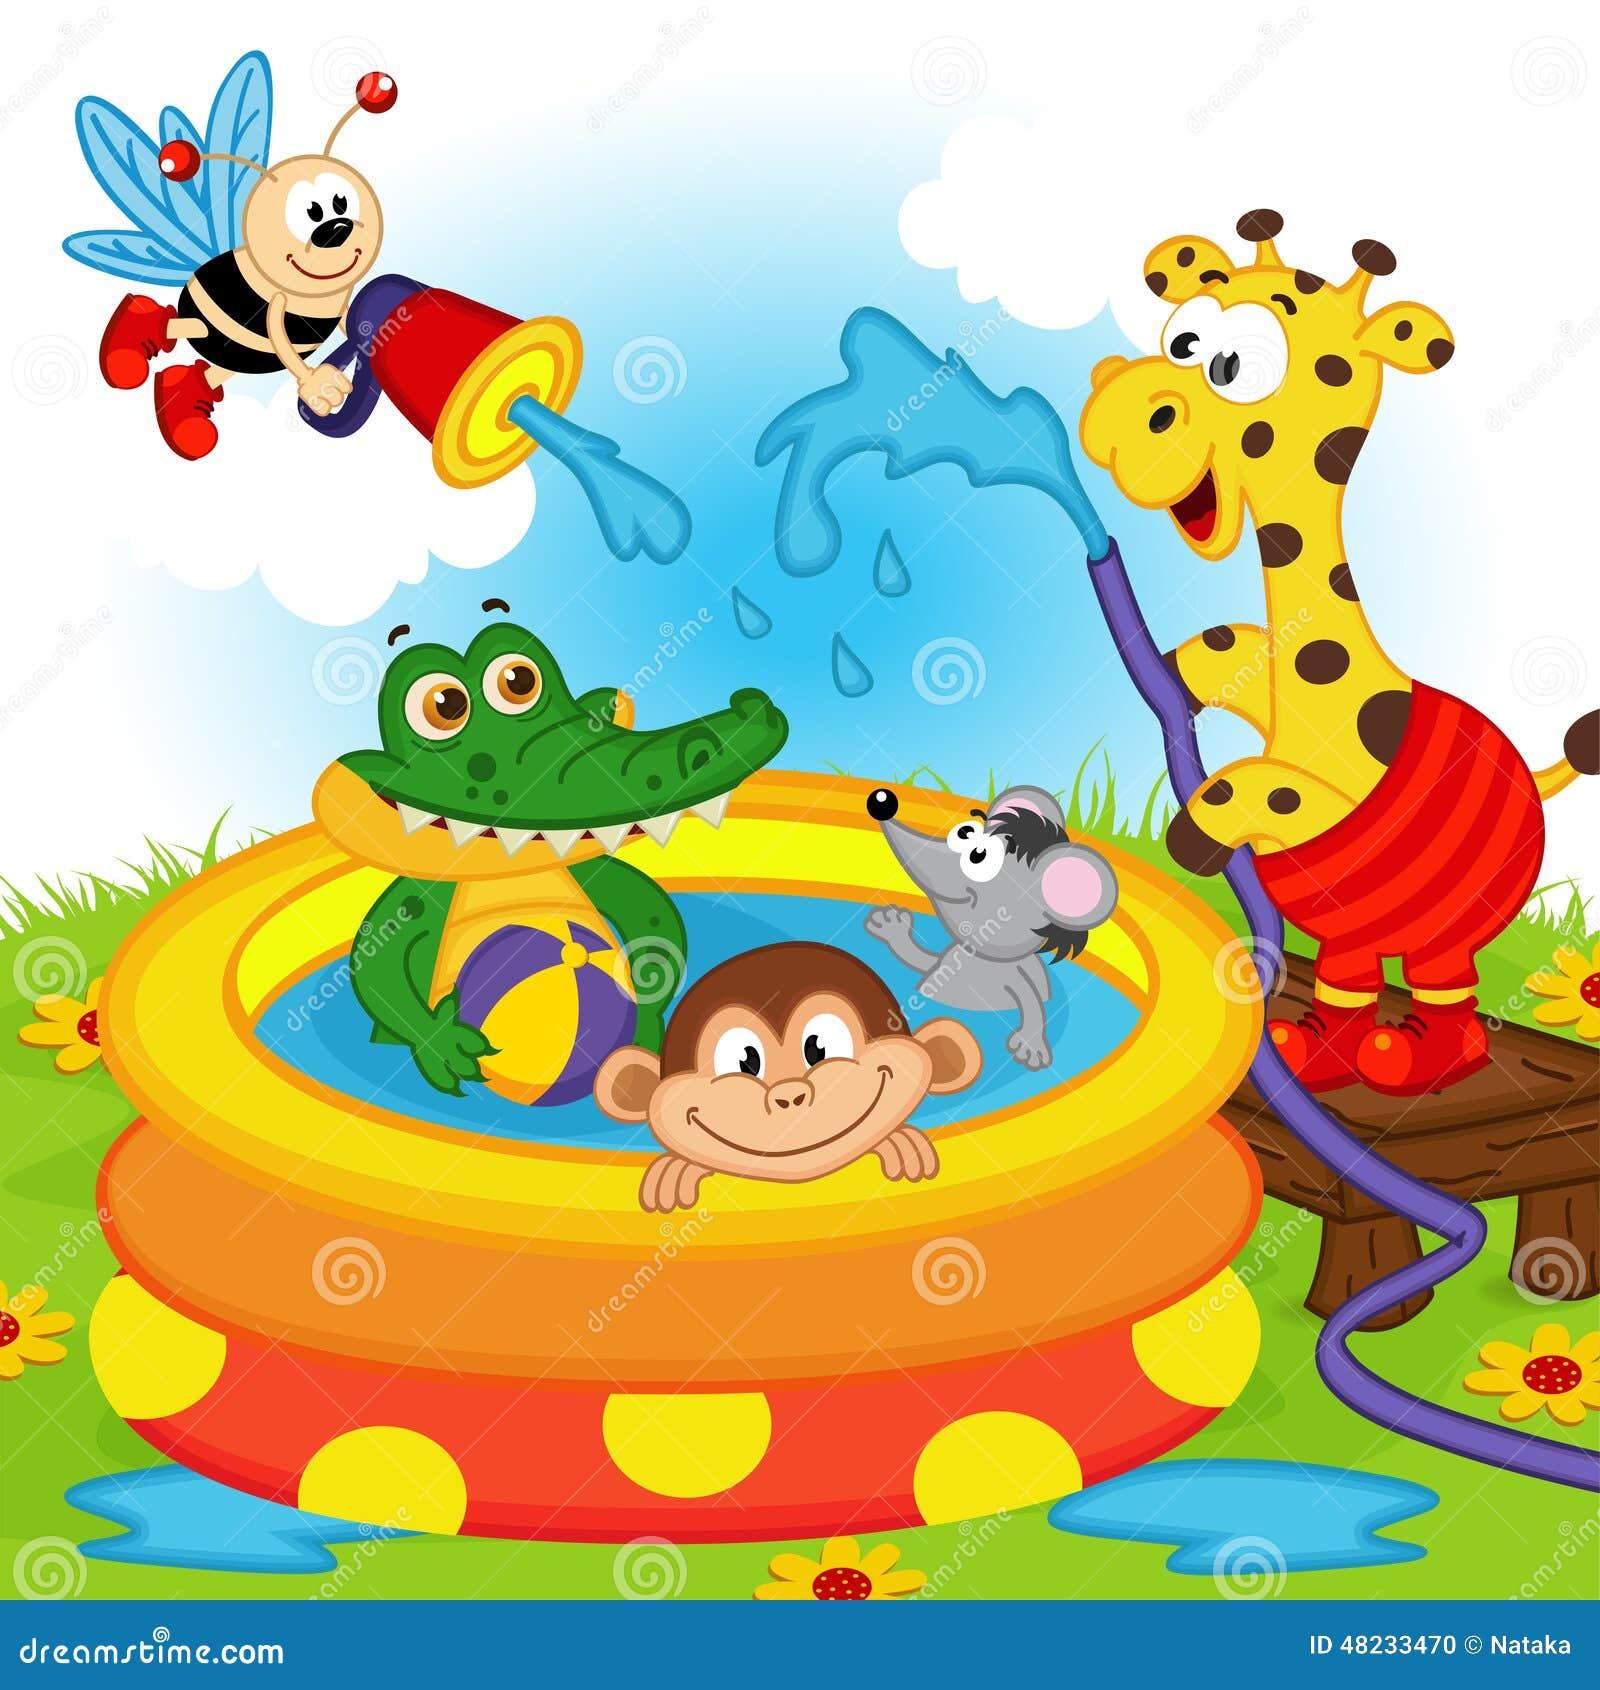 Animaux dans la piscine gonflable illustration de vecteur for Animaux gonflable piscine